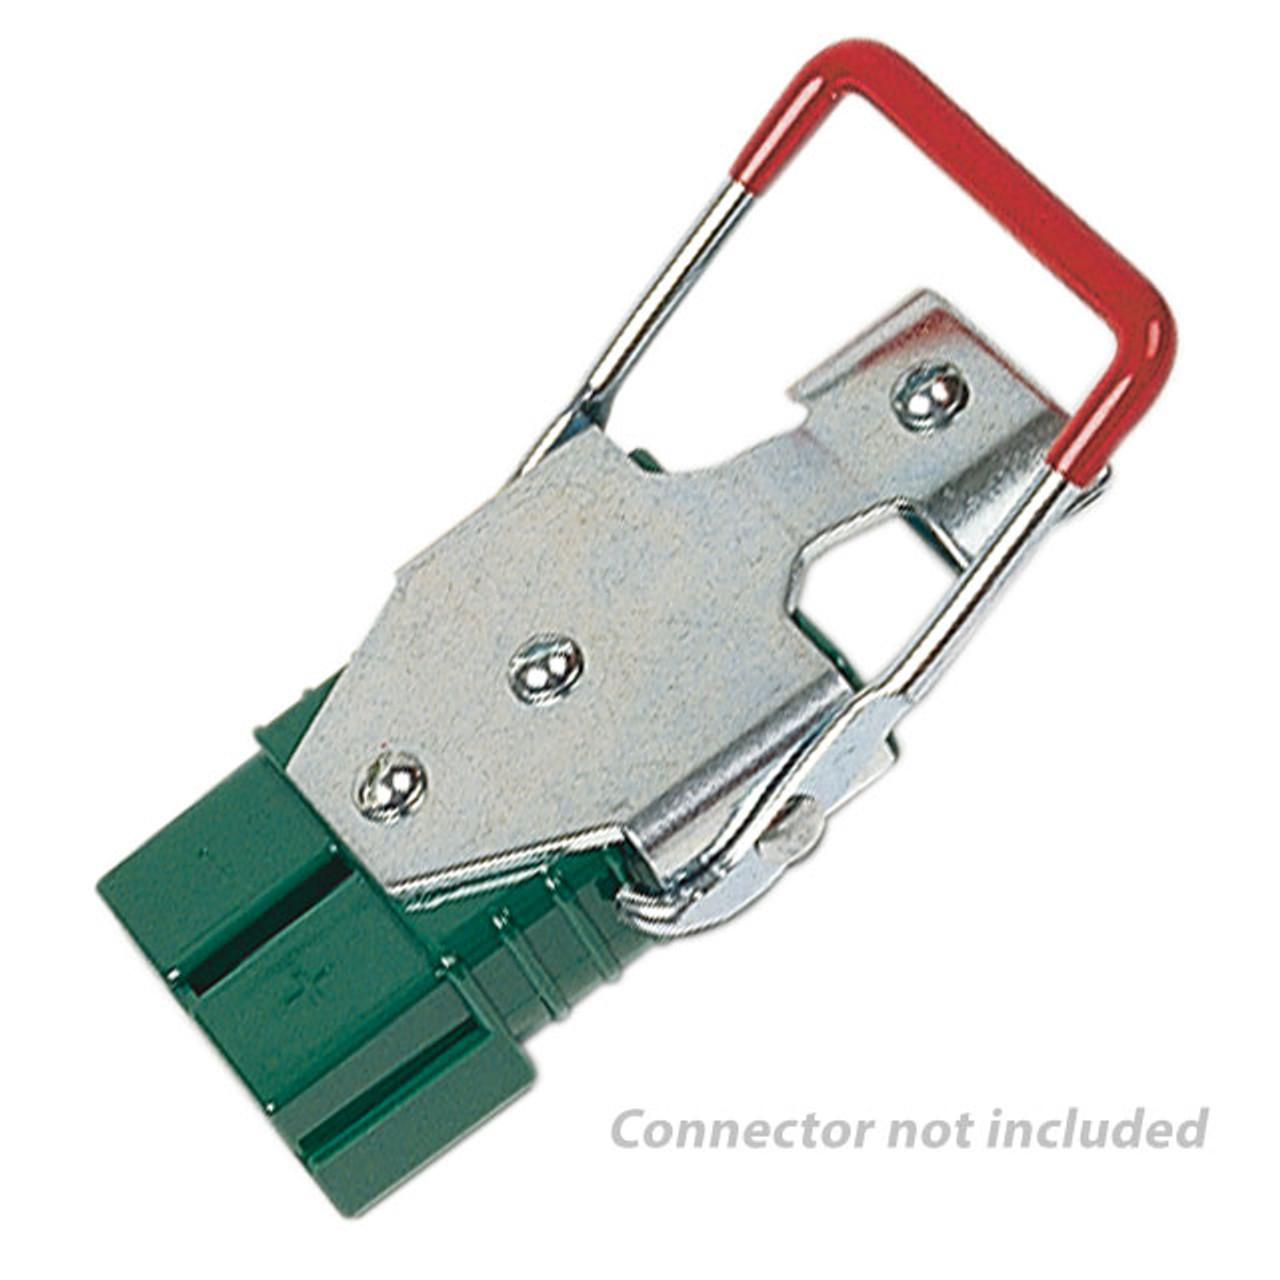 350AMP LOCKING STEEL HANDLE